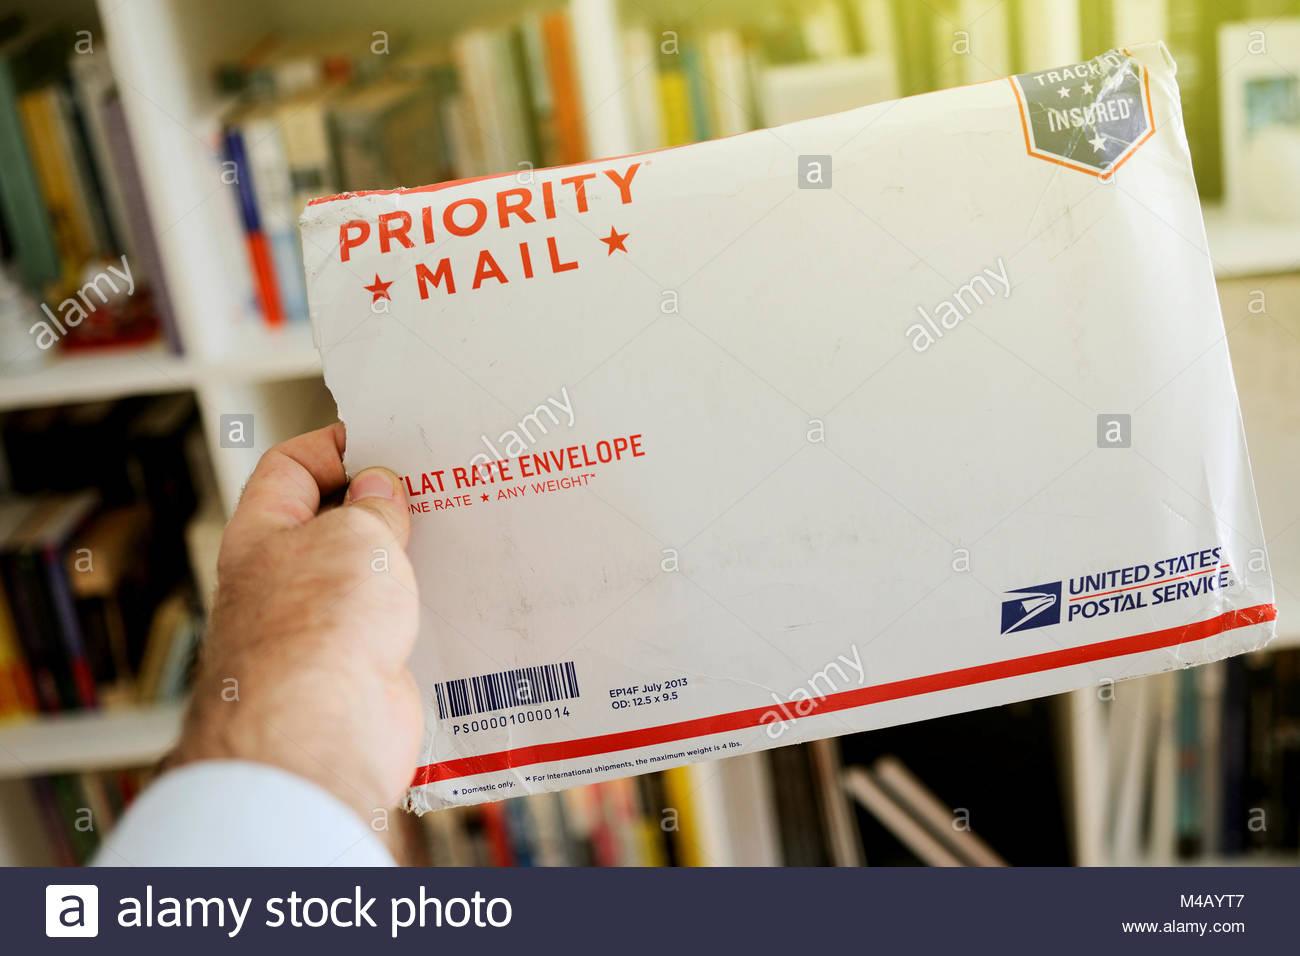 USPS United States Postal Service Parcel envelope in man's hands - Stock Image